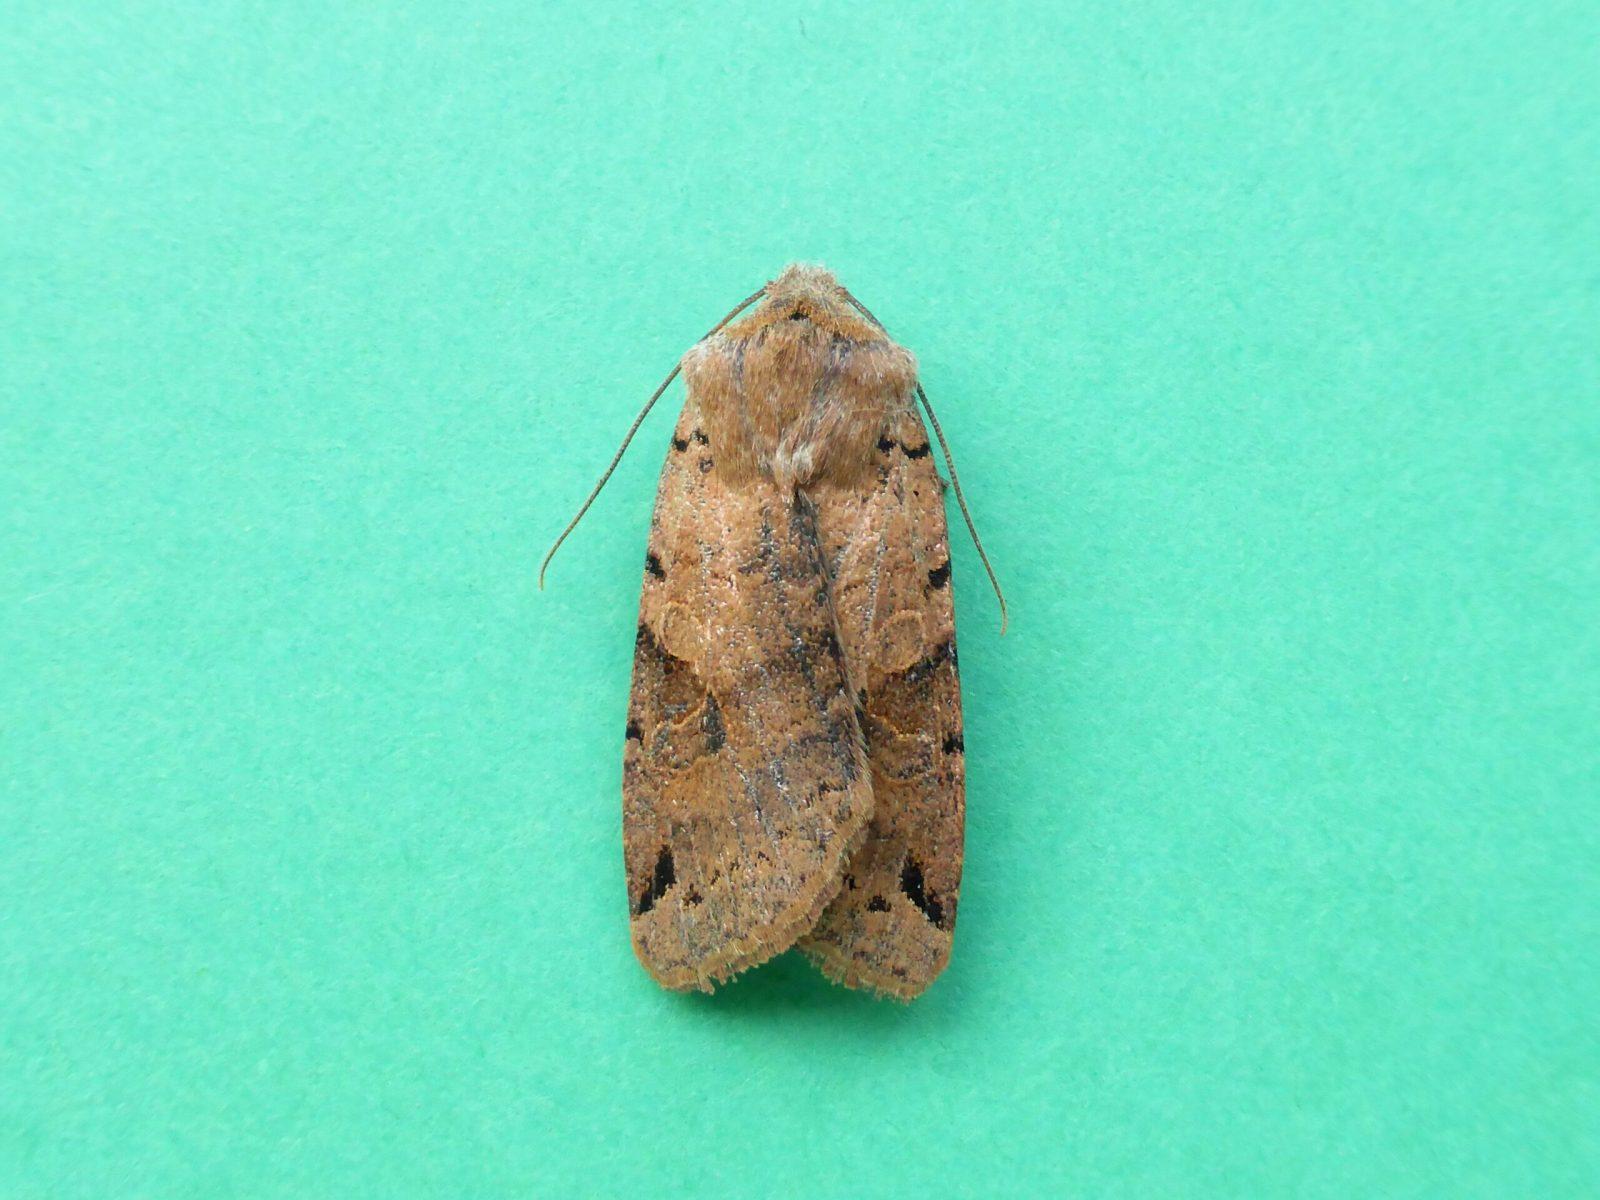 Agrochola litura - Brown-spot Pinion - Kirk Smeaton